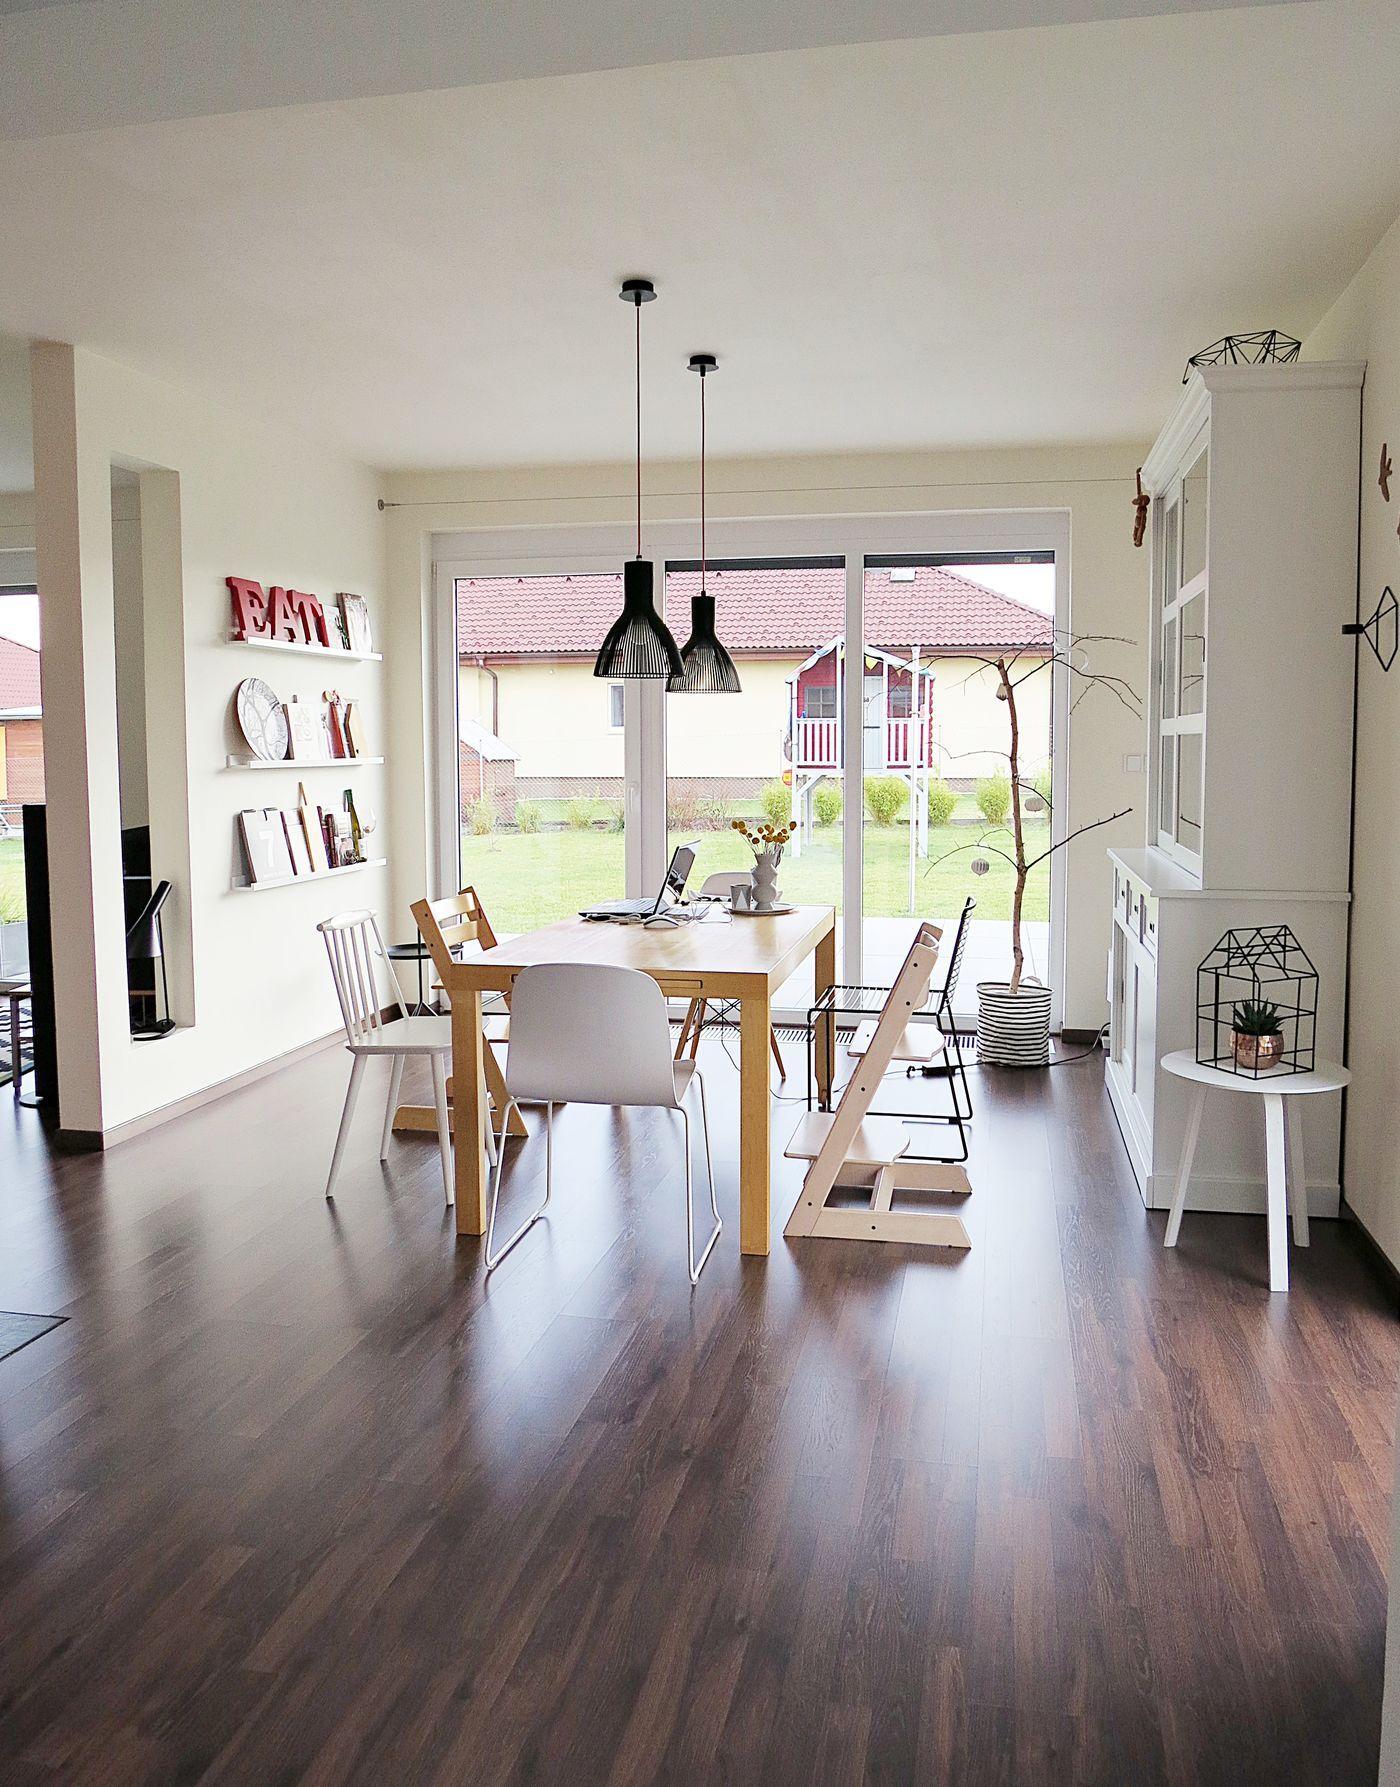 Berühmt Glas Küchenschranktüren Ikea Galerie - Ideen Für Die Küche ...